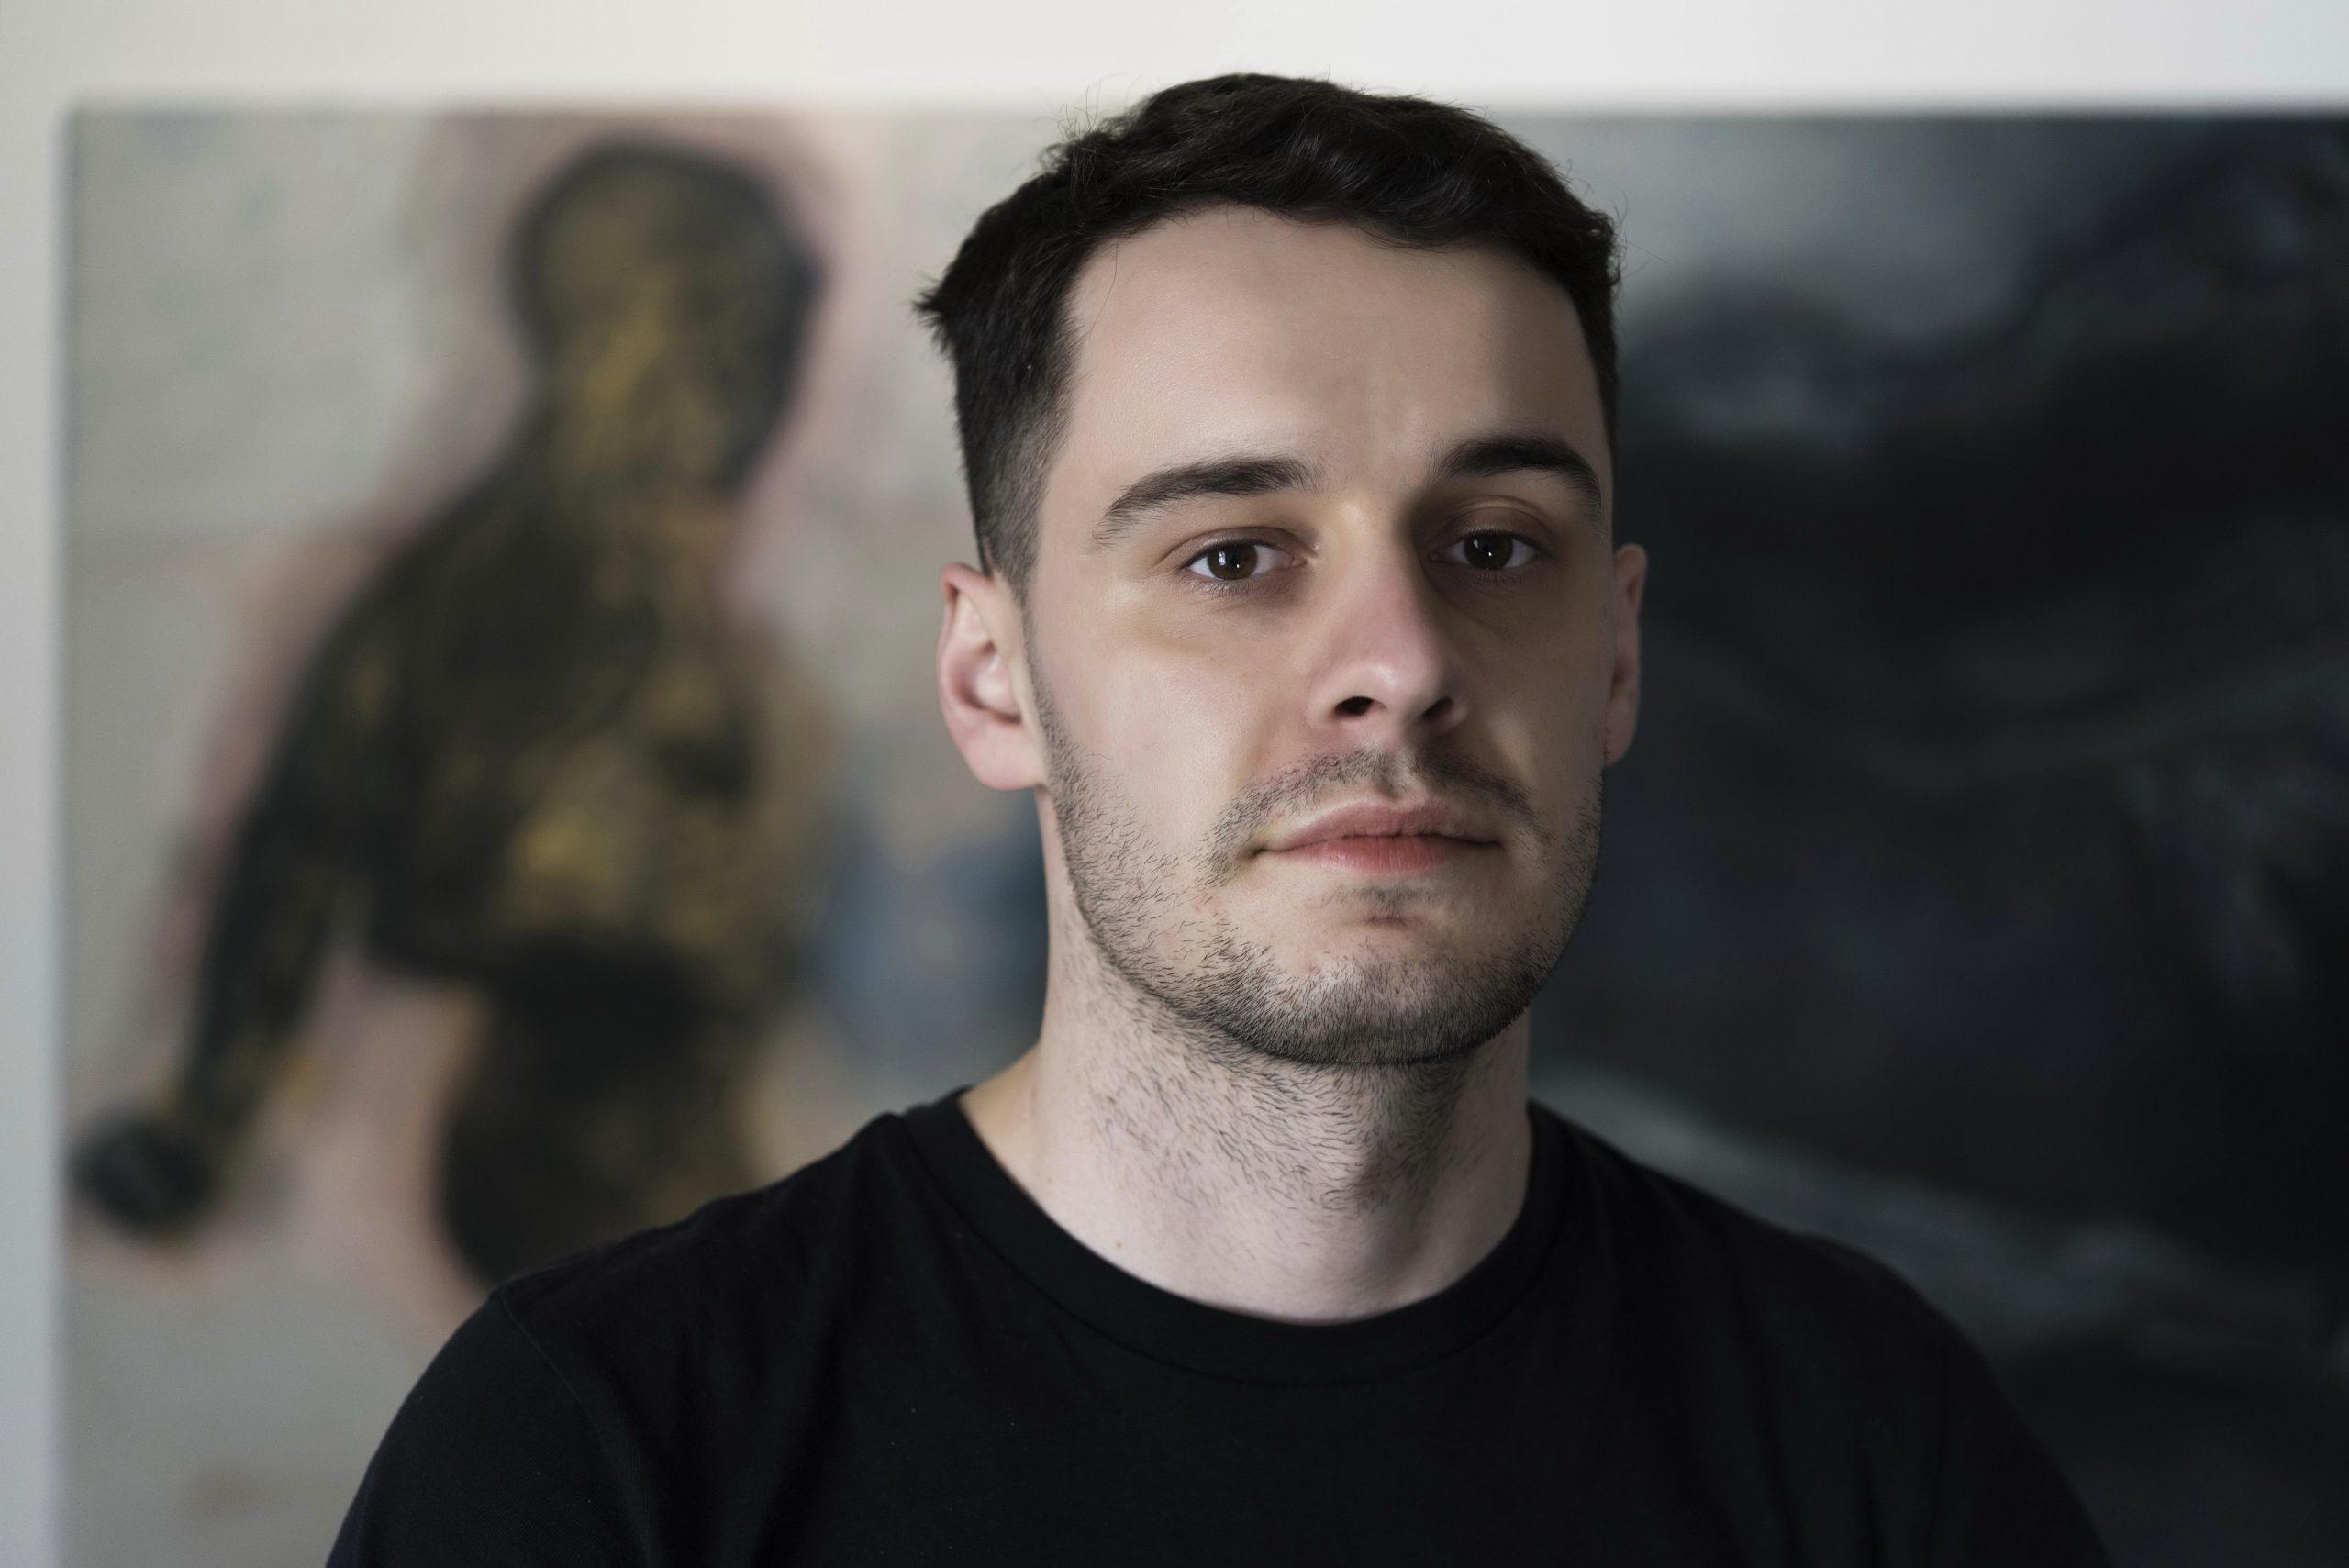 УКРАИНА-ЗАРИСОВКИ: Андрей Роик — украинский художник о Львове, кофейнях и историческом наследии